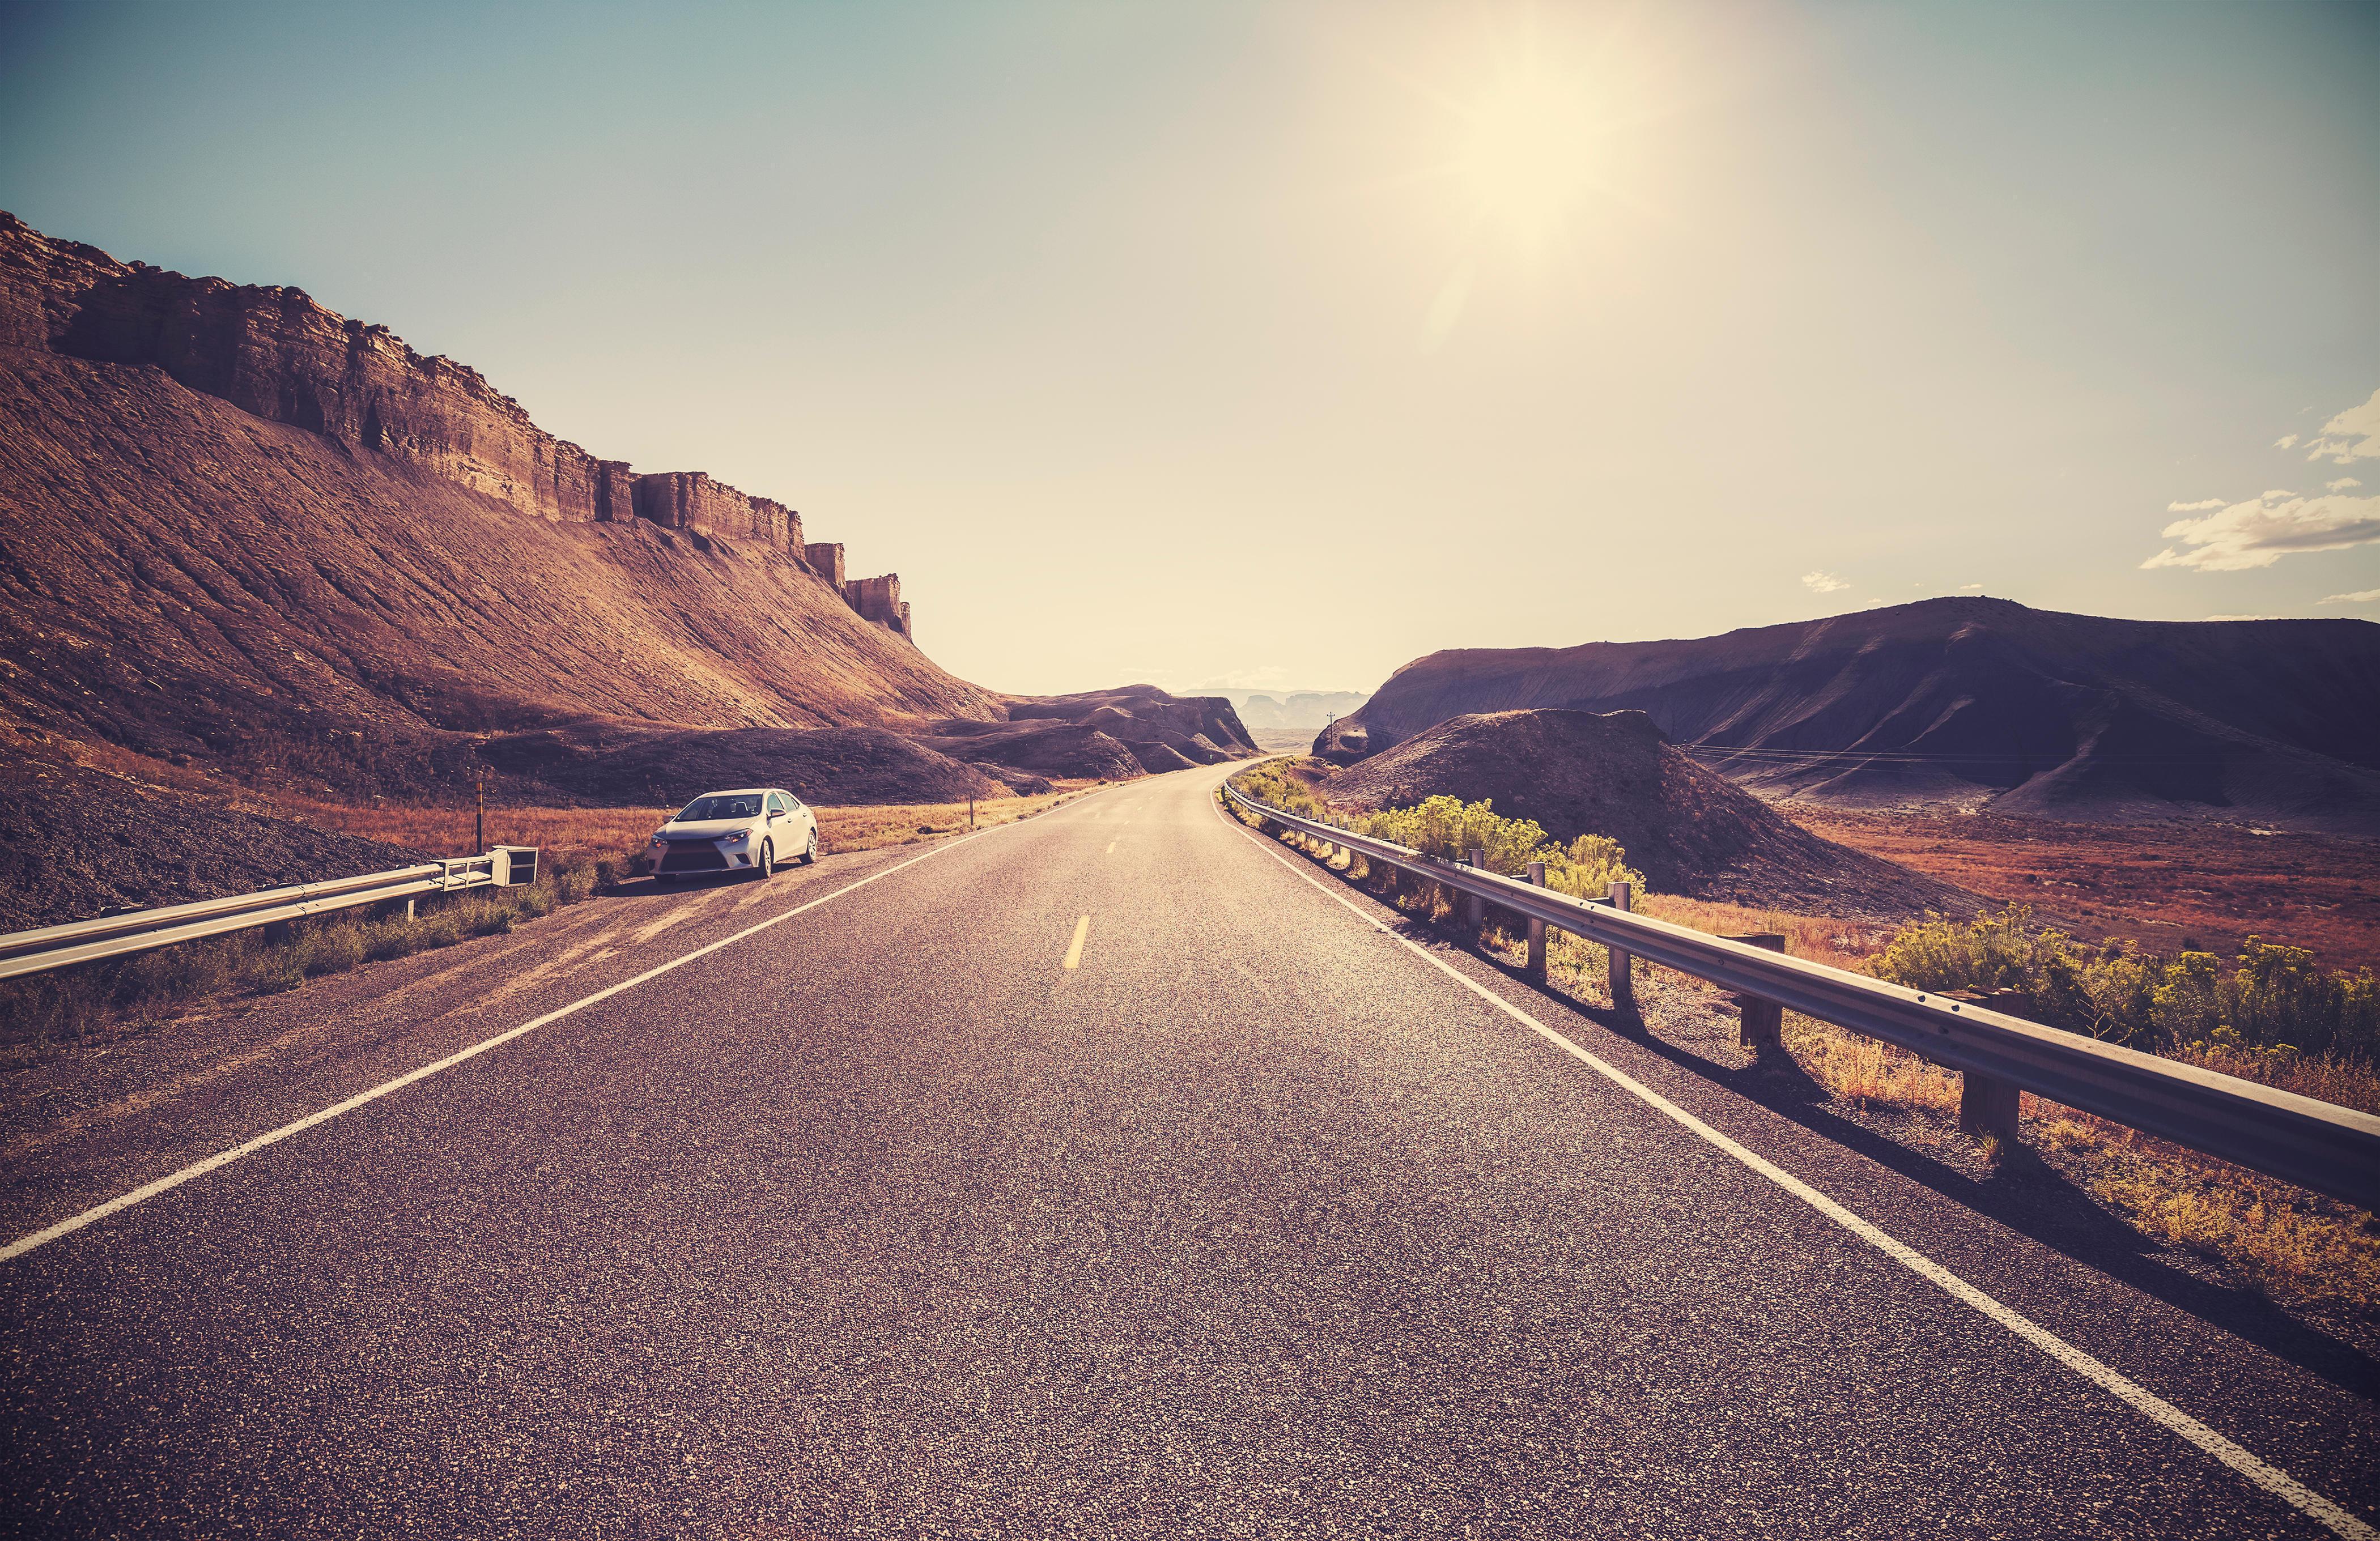 Arabayla Uzun Yola Nasıl Çıkılır